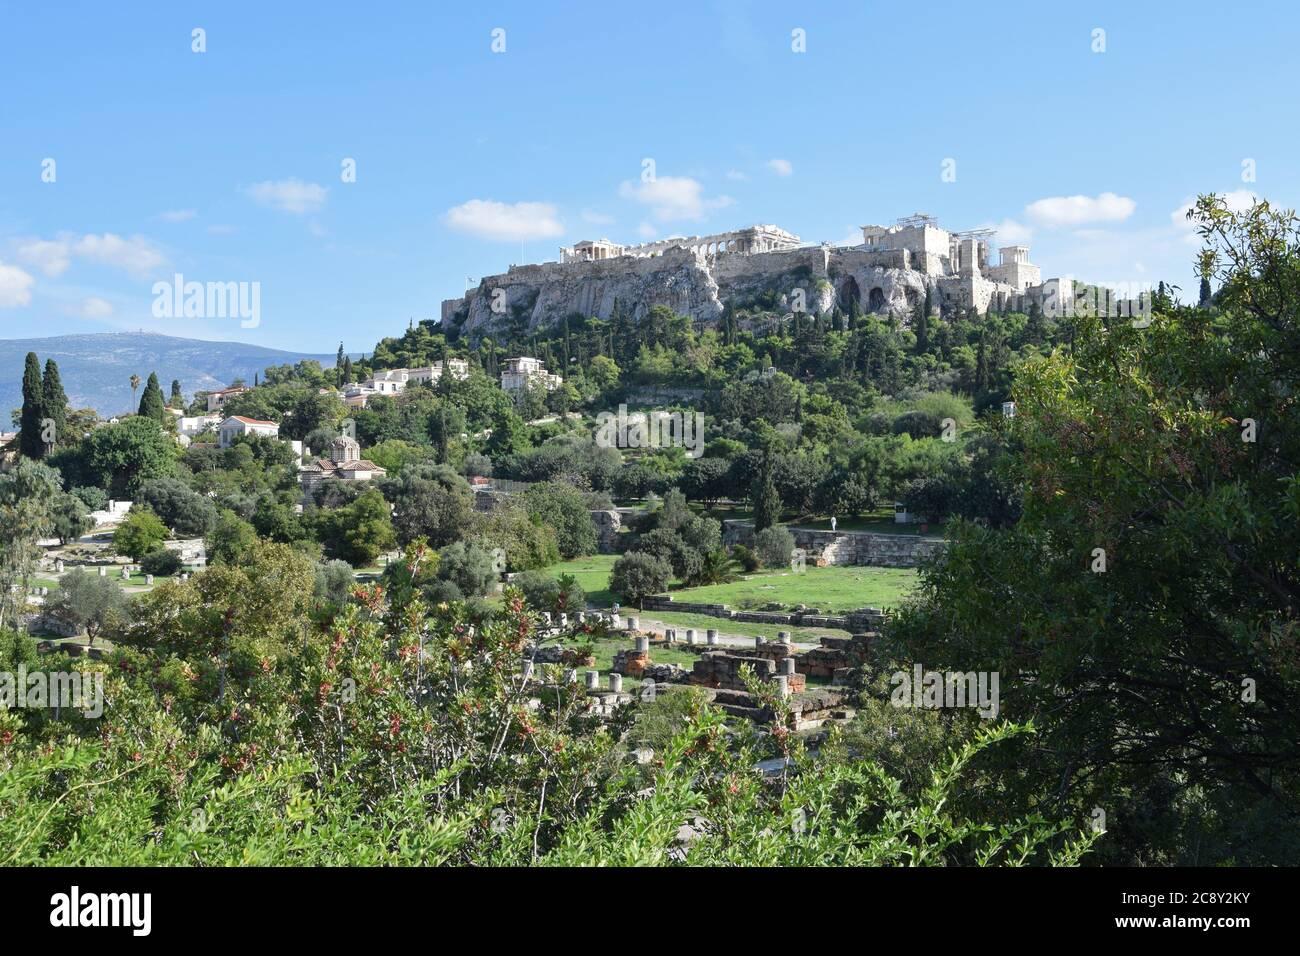 Atene, Grecia - 14 ottobre 2015: Roccia dell'Acropoli e tempio del Partenone visto dal sito archeologico dell'antica agora. Foto Stock